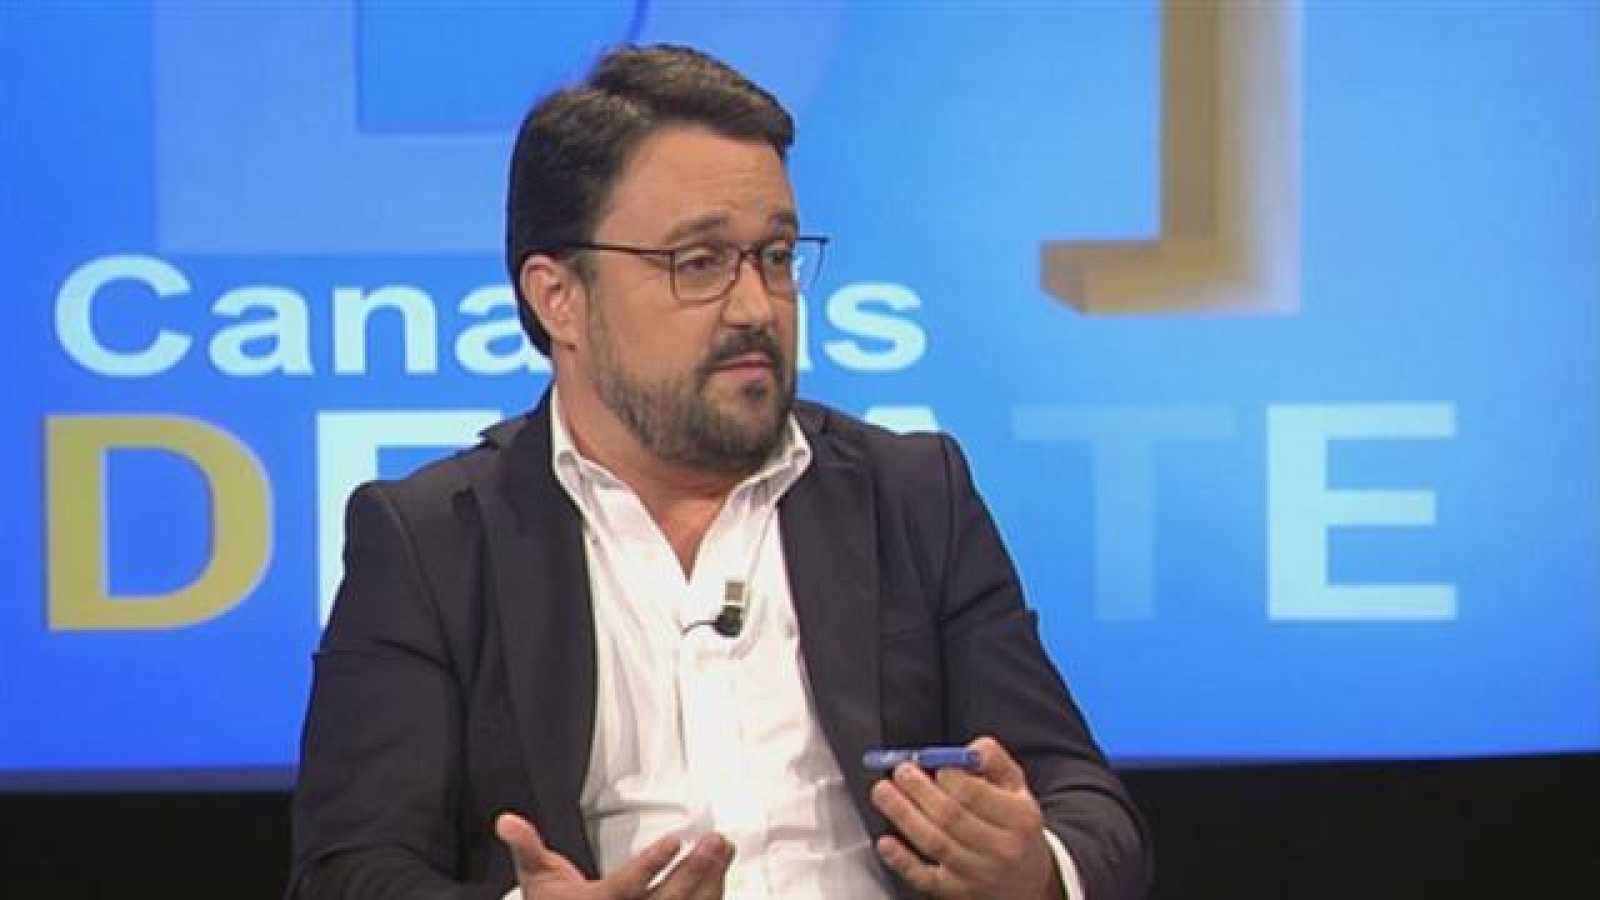 El Debate de La 1 Canarias - 15/02/2018